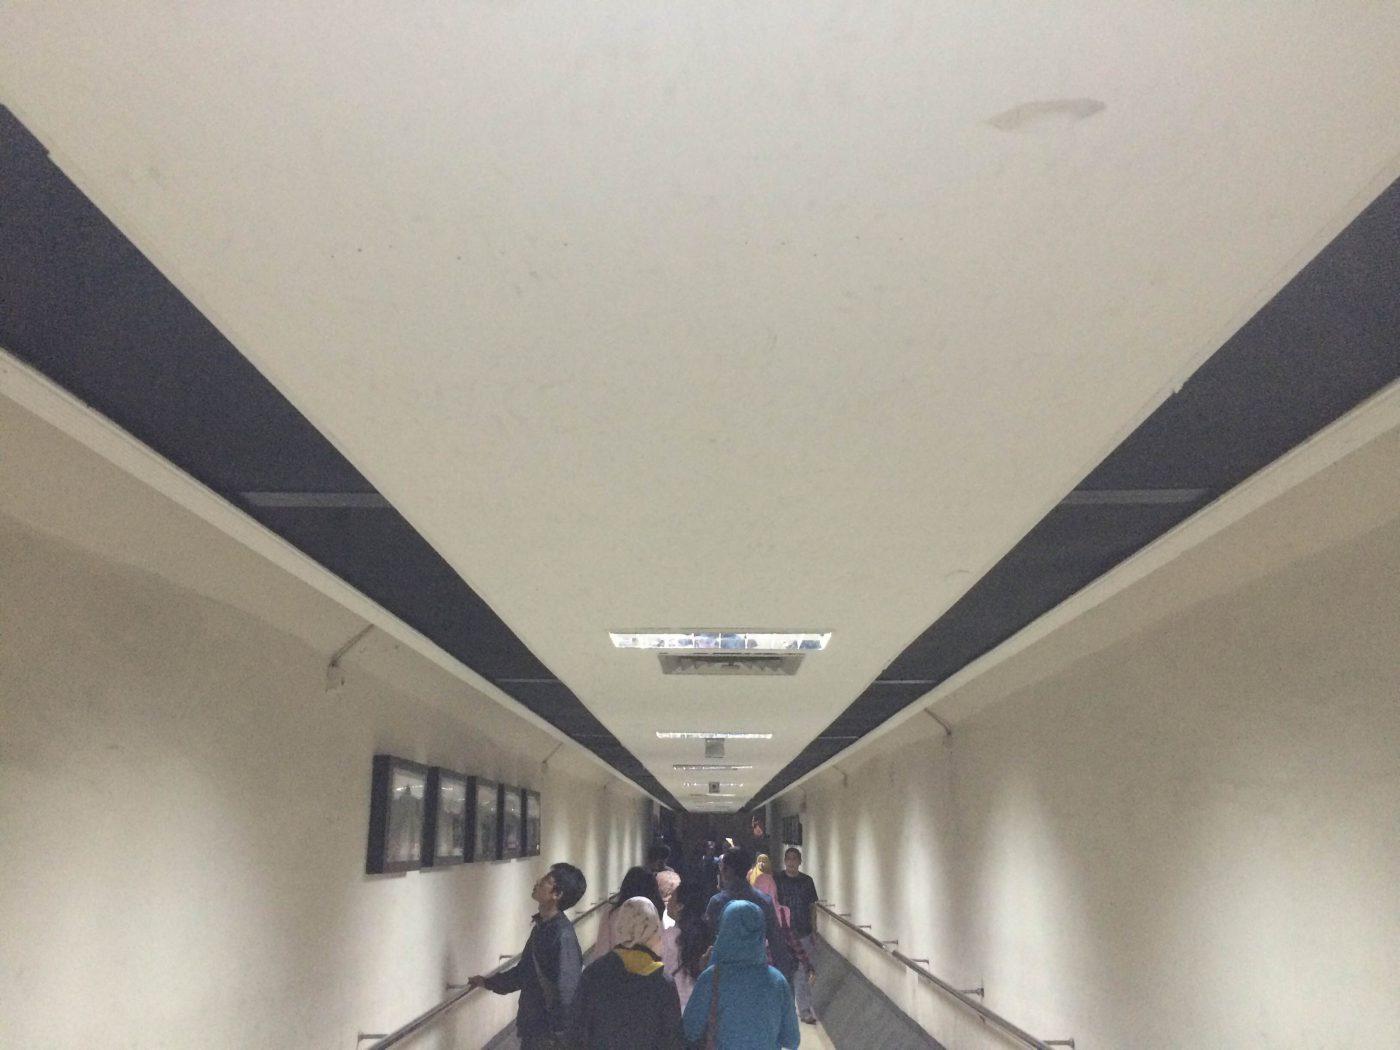 terowongan-slg